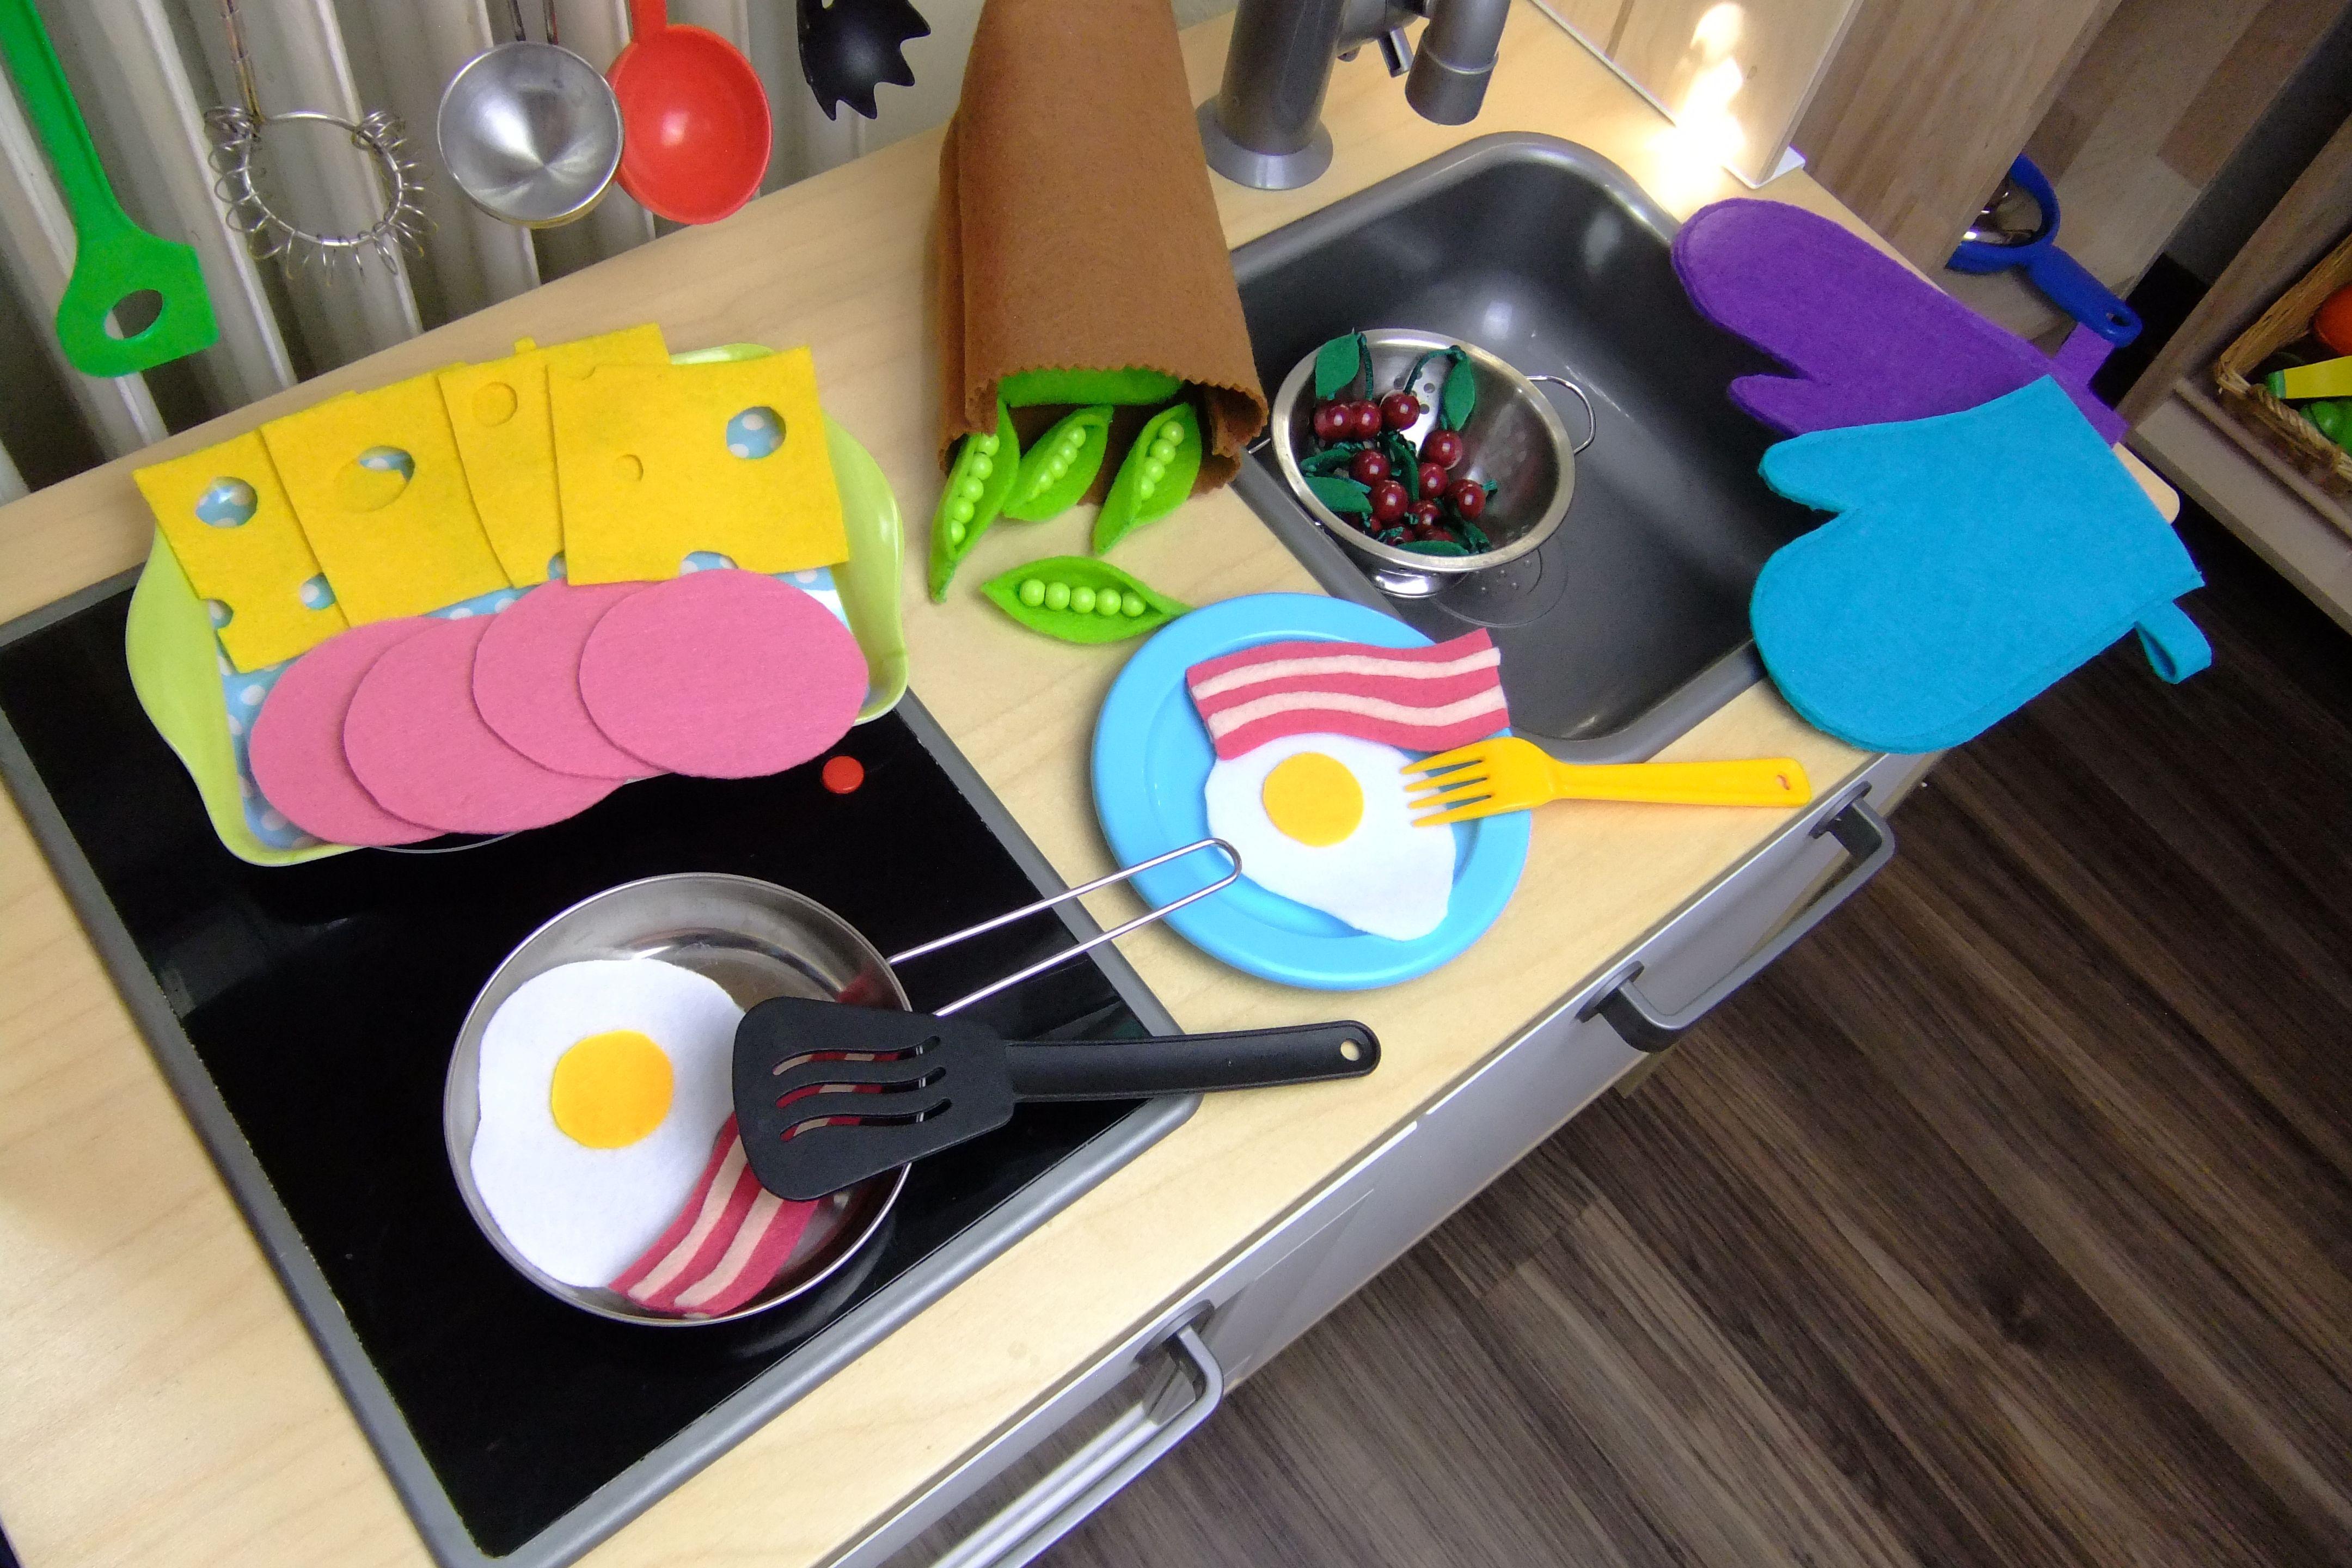 Küchenzubehör Kinderküche ~ Kinderküchen zubehör selber nähen anleitung https: www.vbs